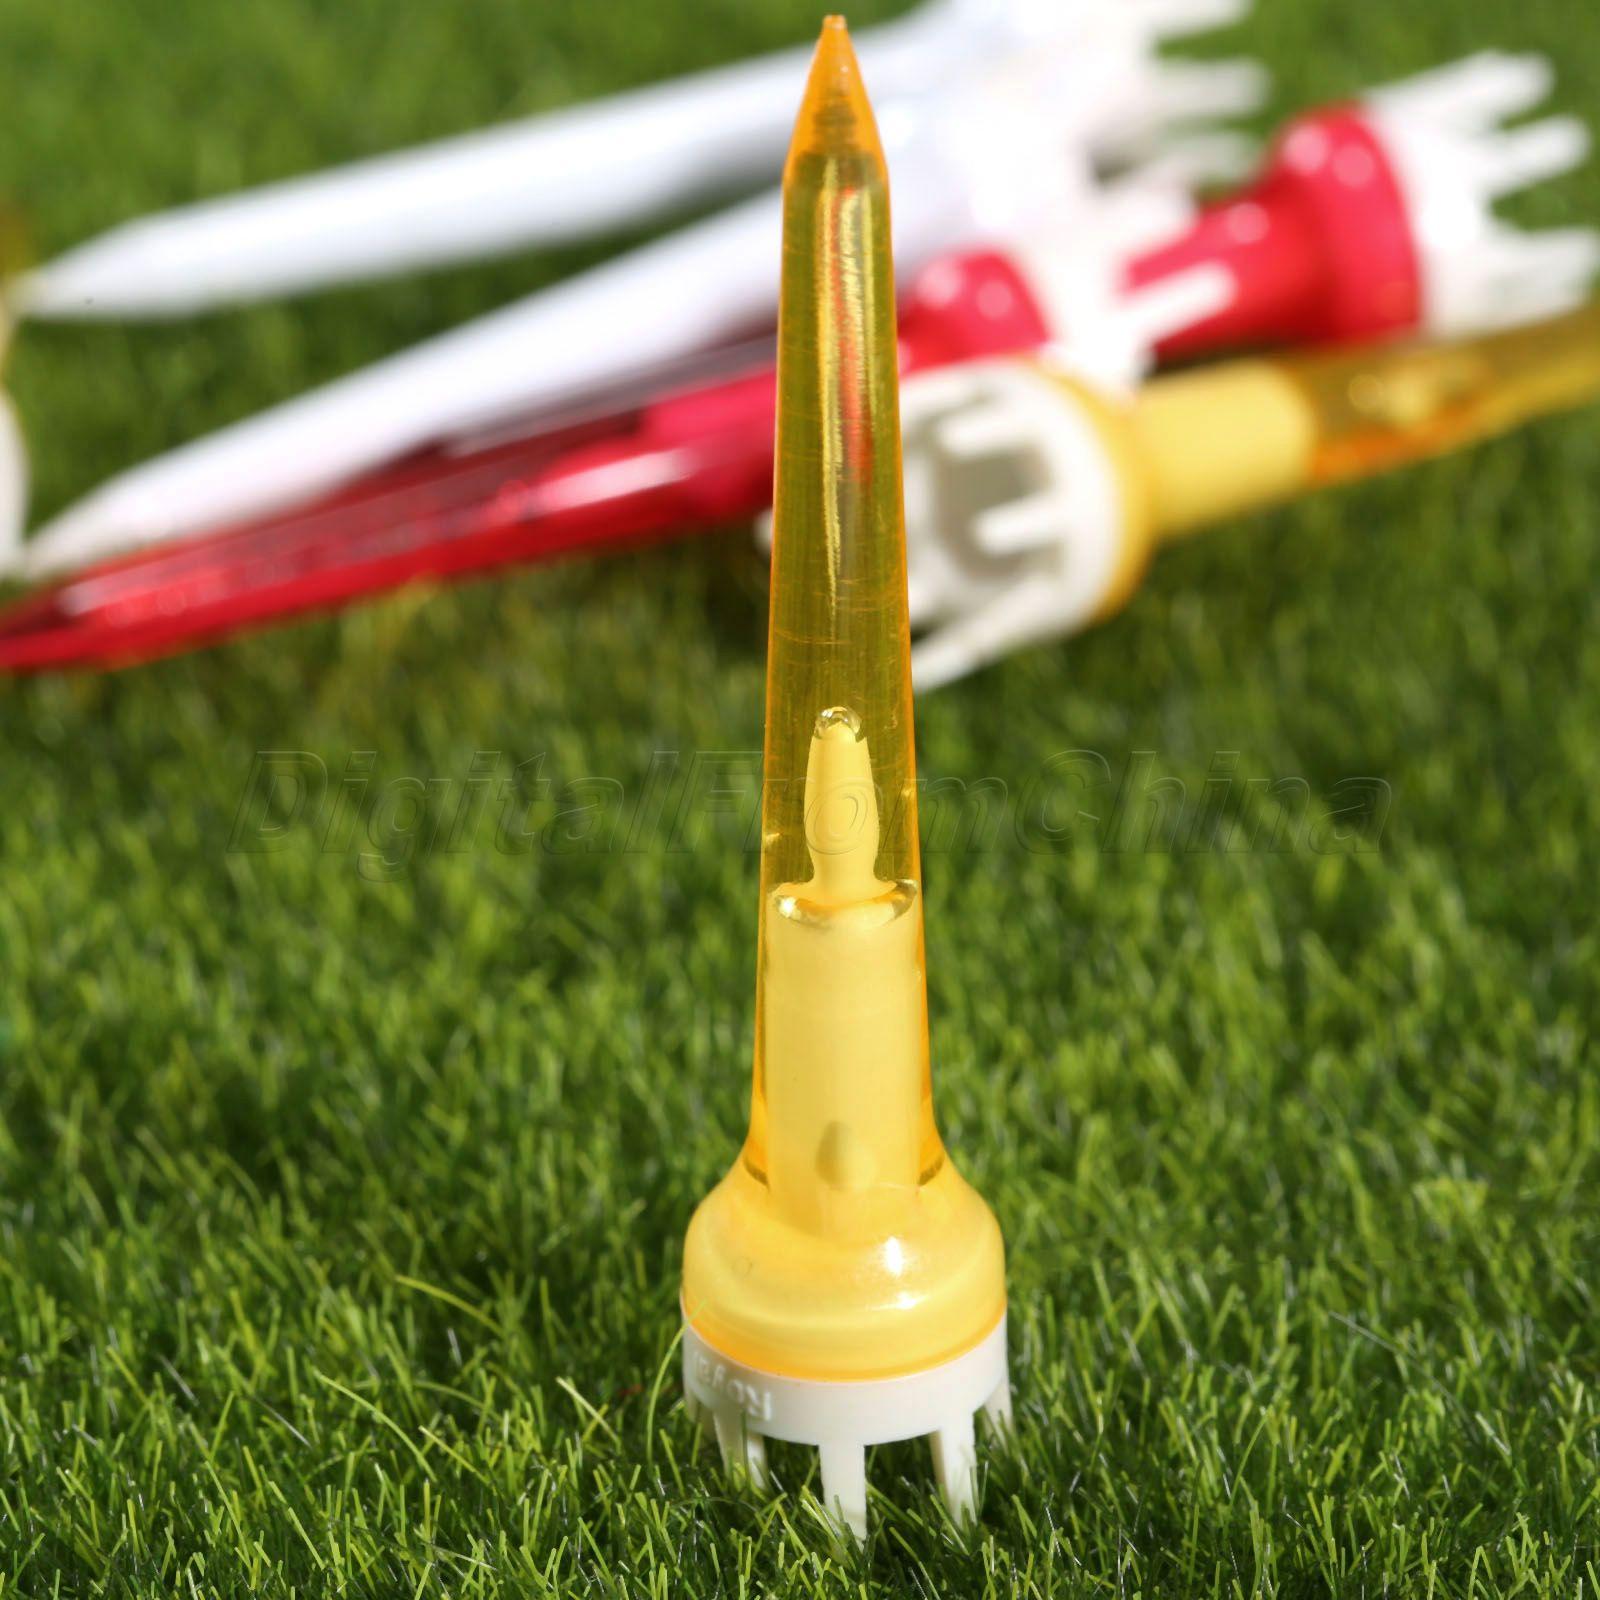 100 unids Coronas Golf Tees de Refuerzo De Plástico Rojo Transparente 62mm Reduc